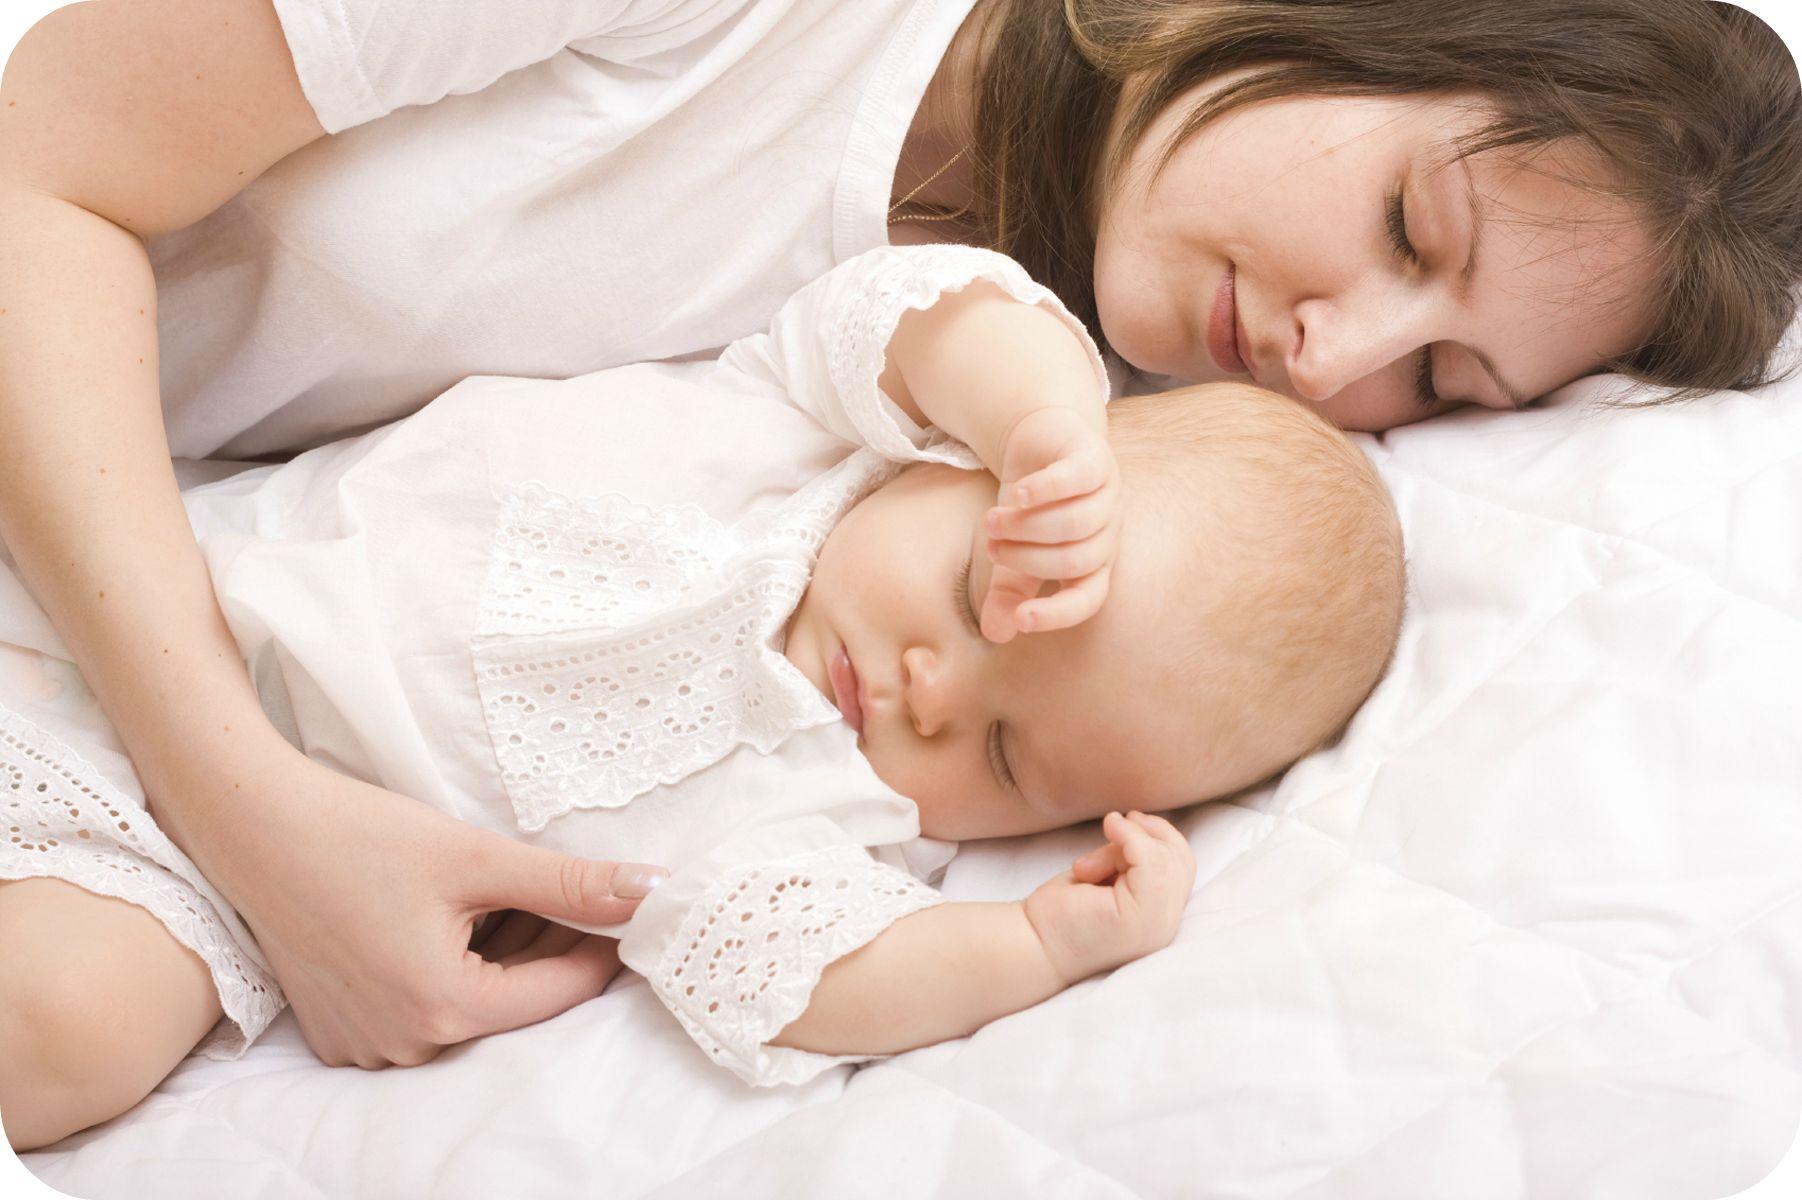 Mẹo hay giúp trẻ ngủ ngon và nhanh lớn 1